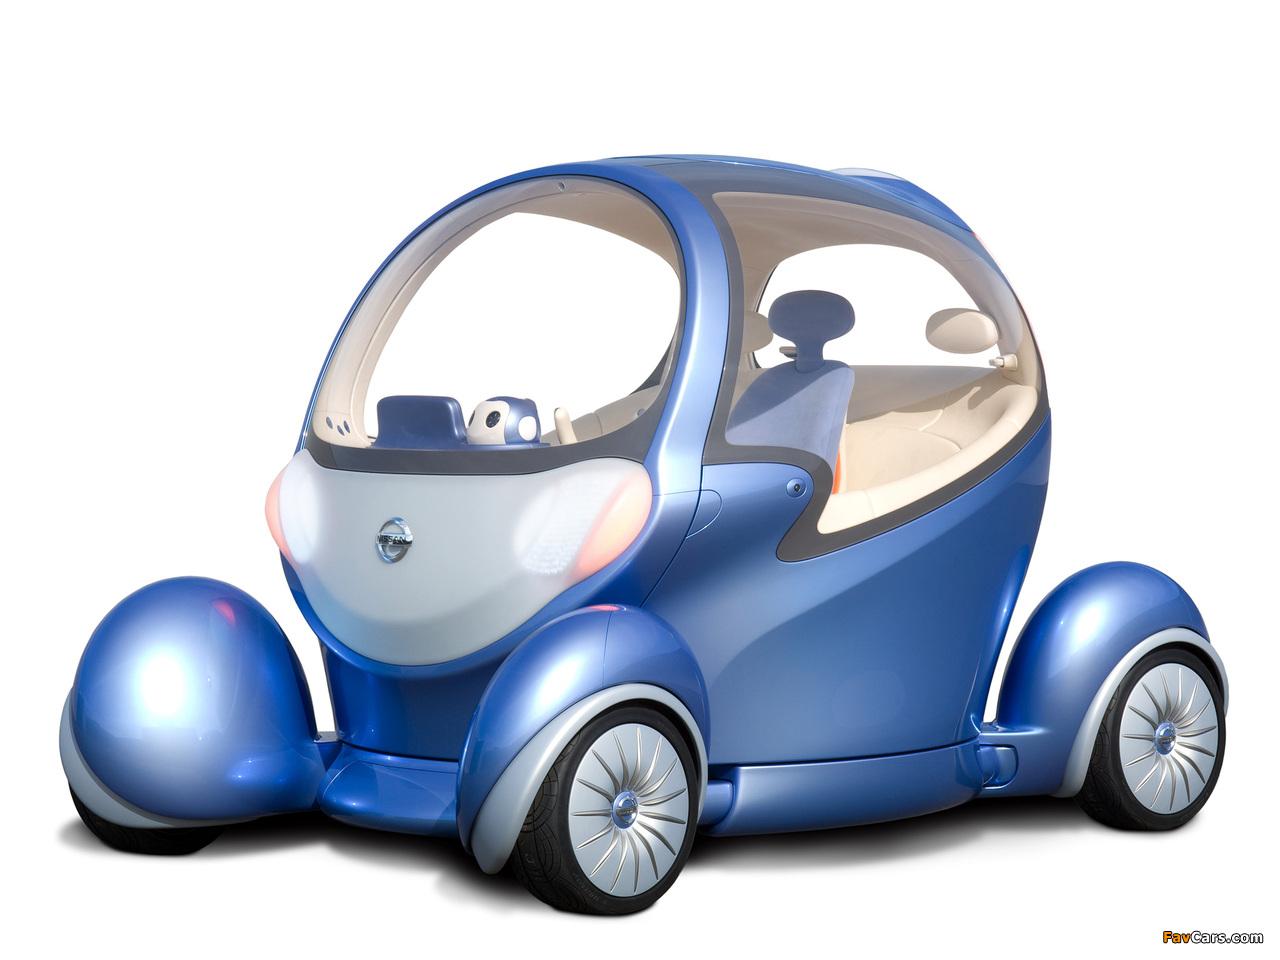 Nissan Pivo 2 Concept 2007 images (1280 x 960)